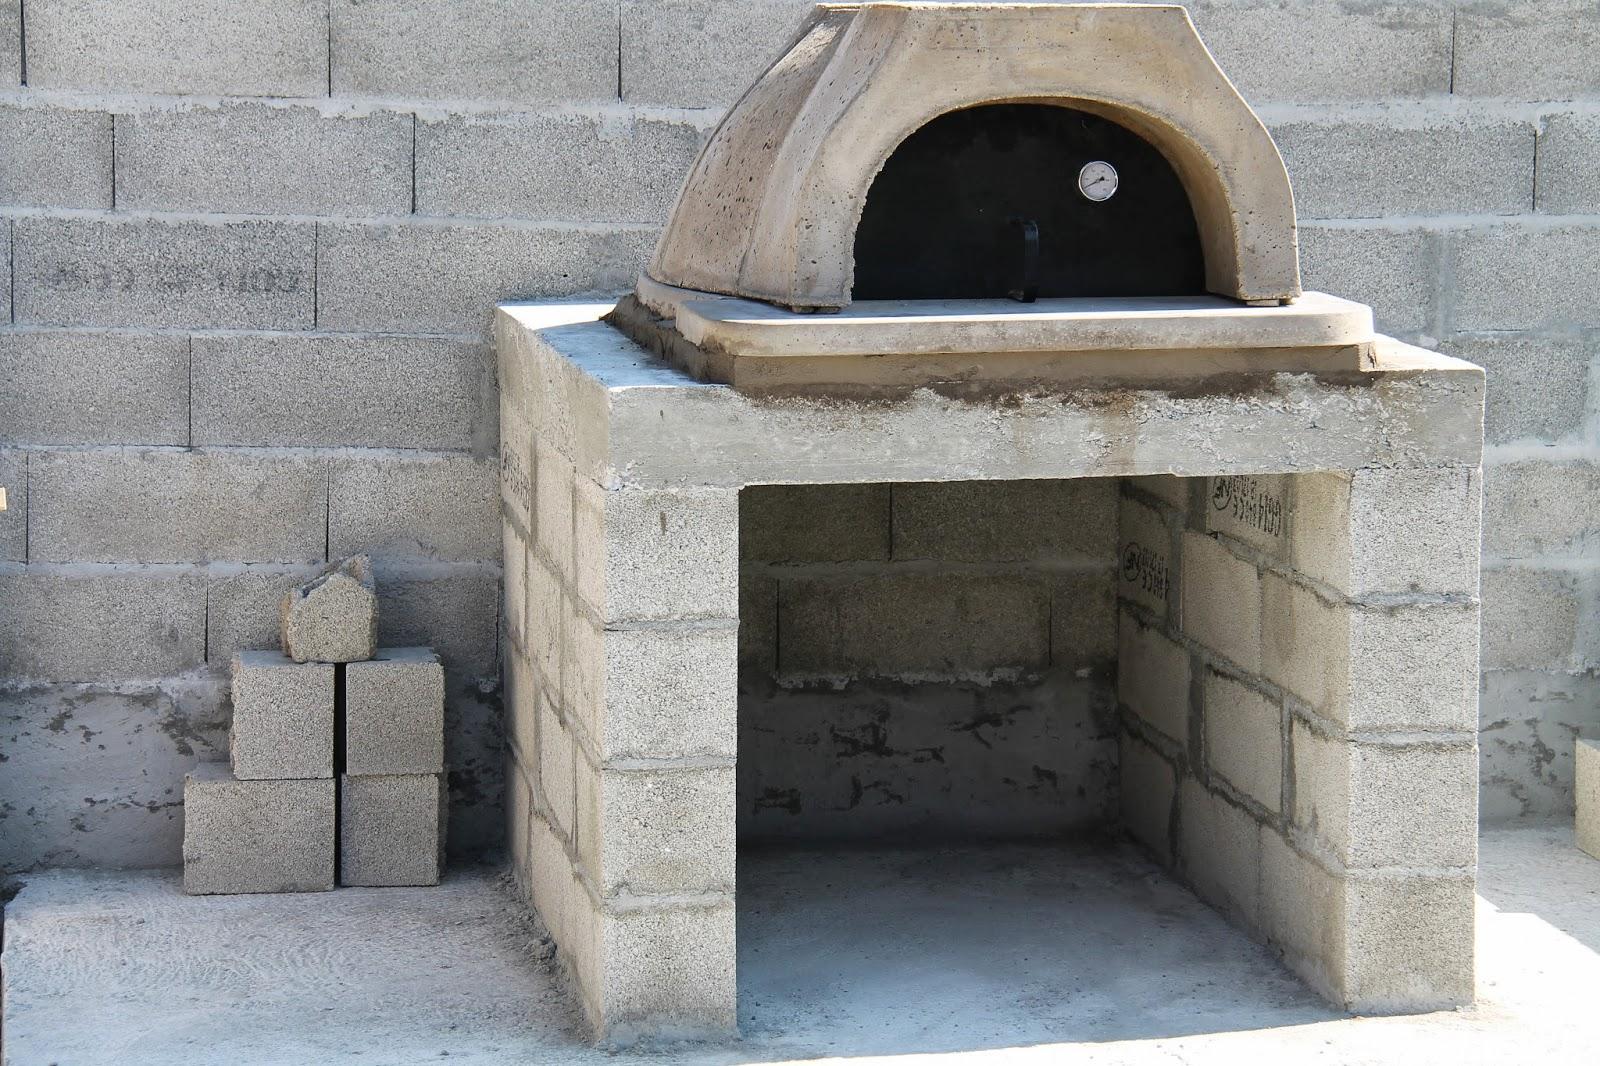 steph pizza pose du four mft 850. Black Bedroom Furniture Sets. Home Design Ideas